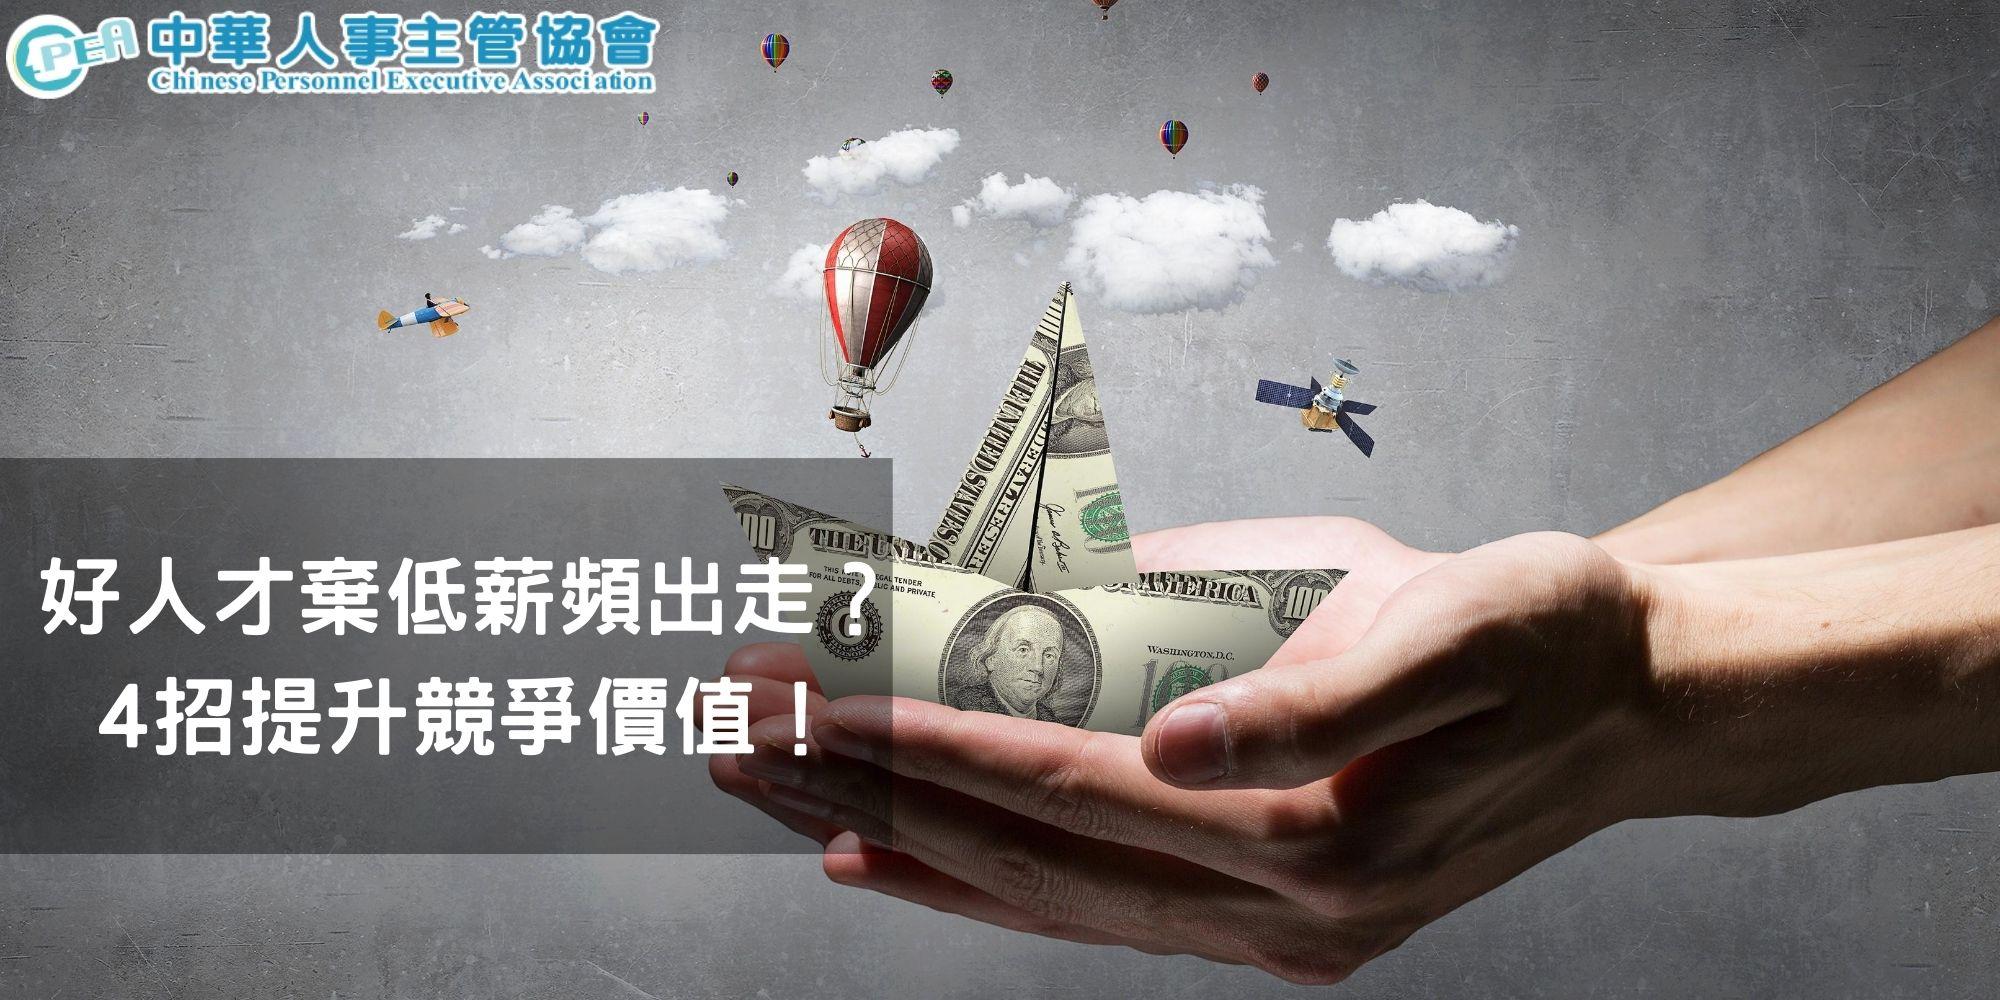 好人才棄低薪頻出走?4招提升競爭價值!│中華人事主管協會-HR